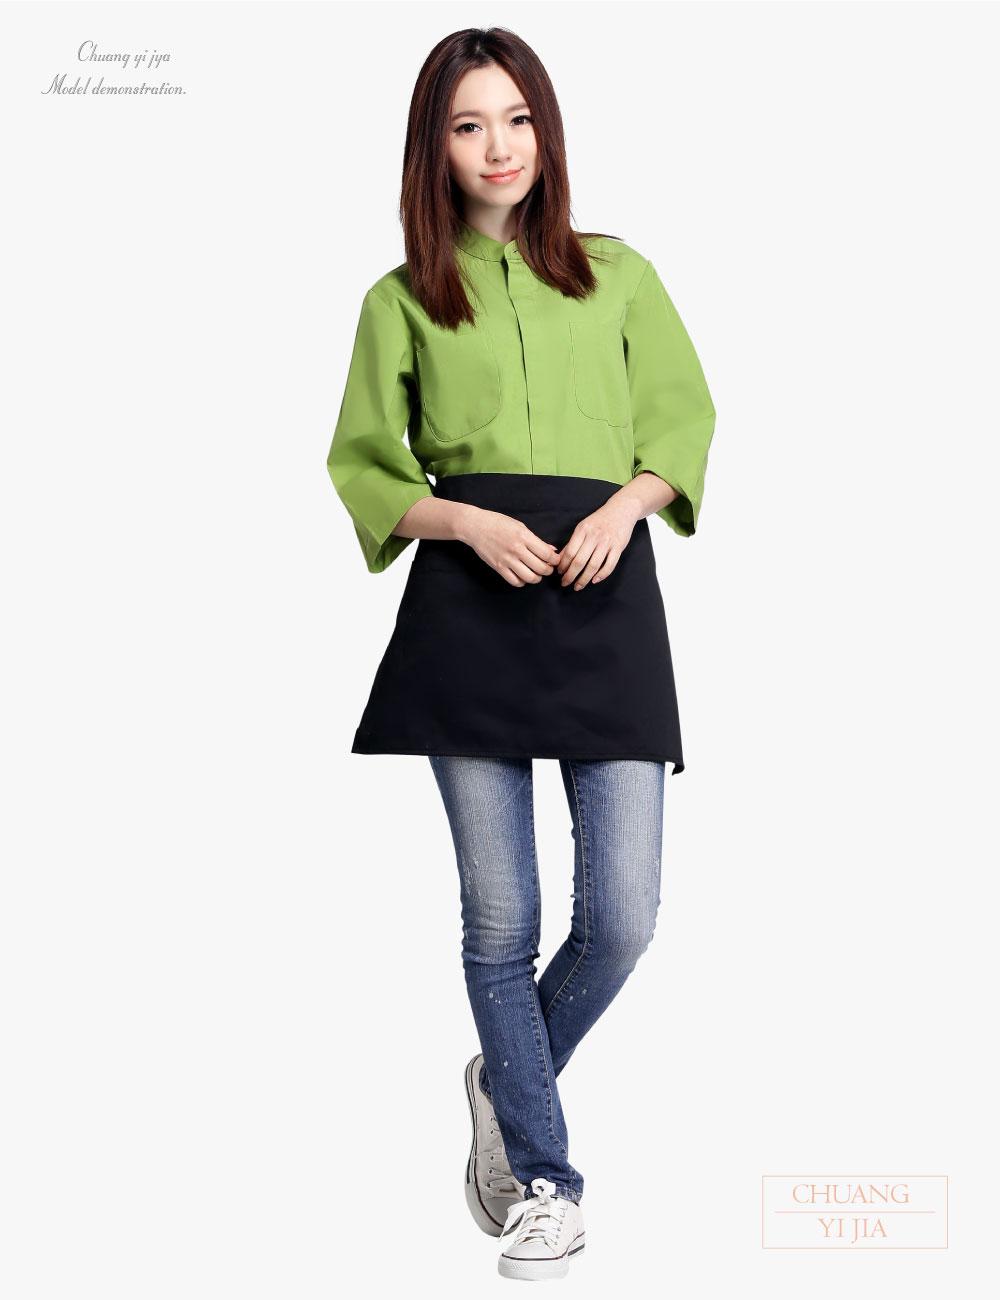 創意家團體服,台灣生產製造,廚師服,專業廚師服,料理服,餐飲廚師服,烘培服,飯店廚師服,餐廳廚師服,港式廚師服,證照廚師服,中華料理服,中式廚師服